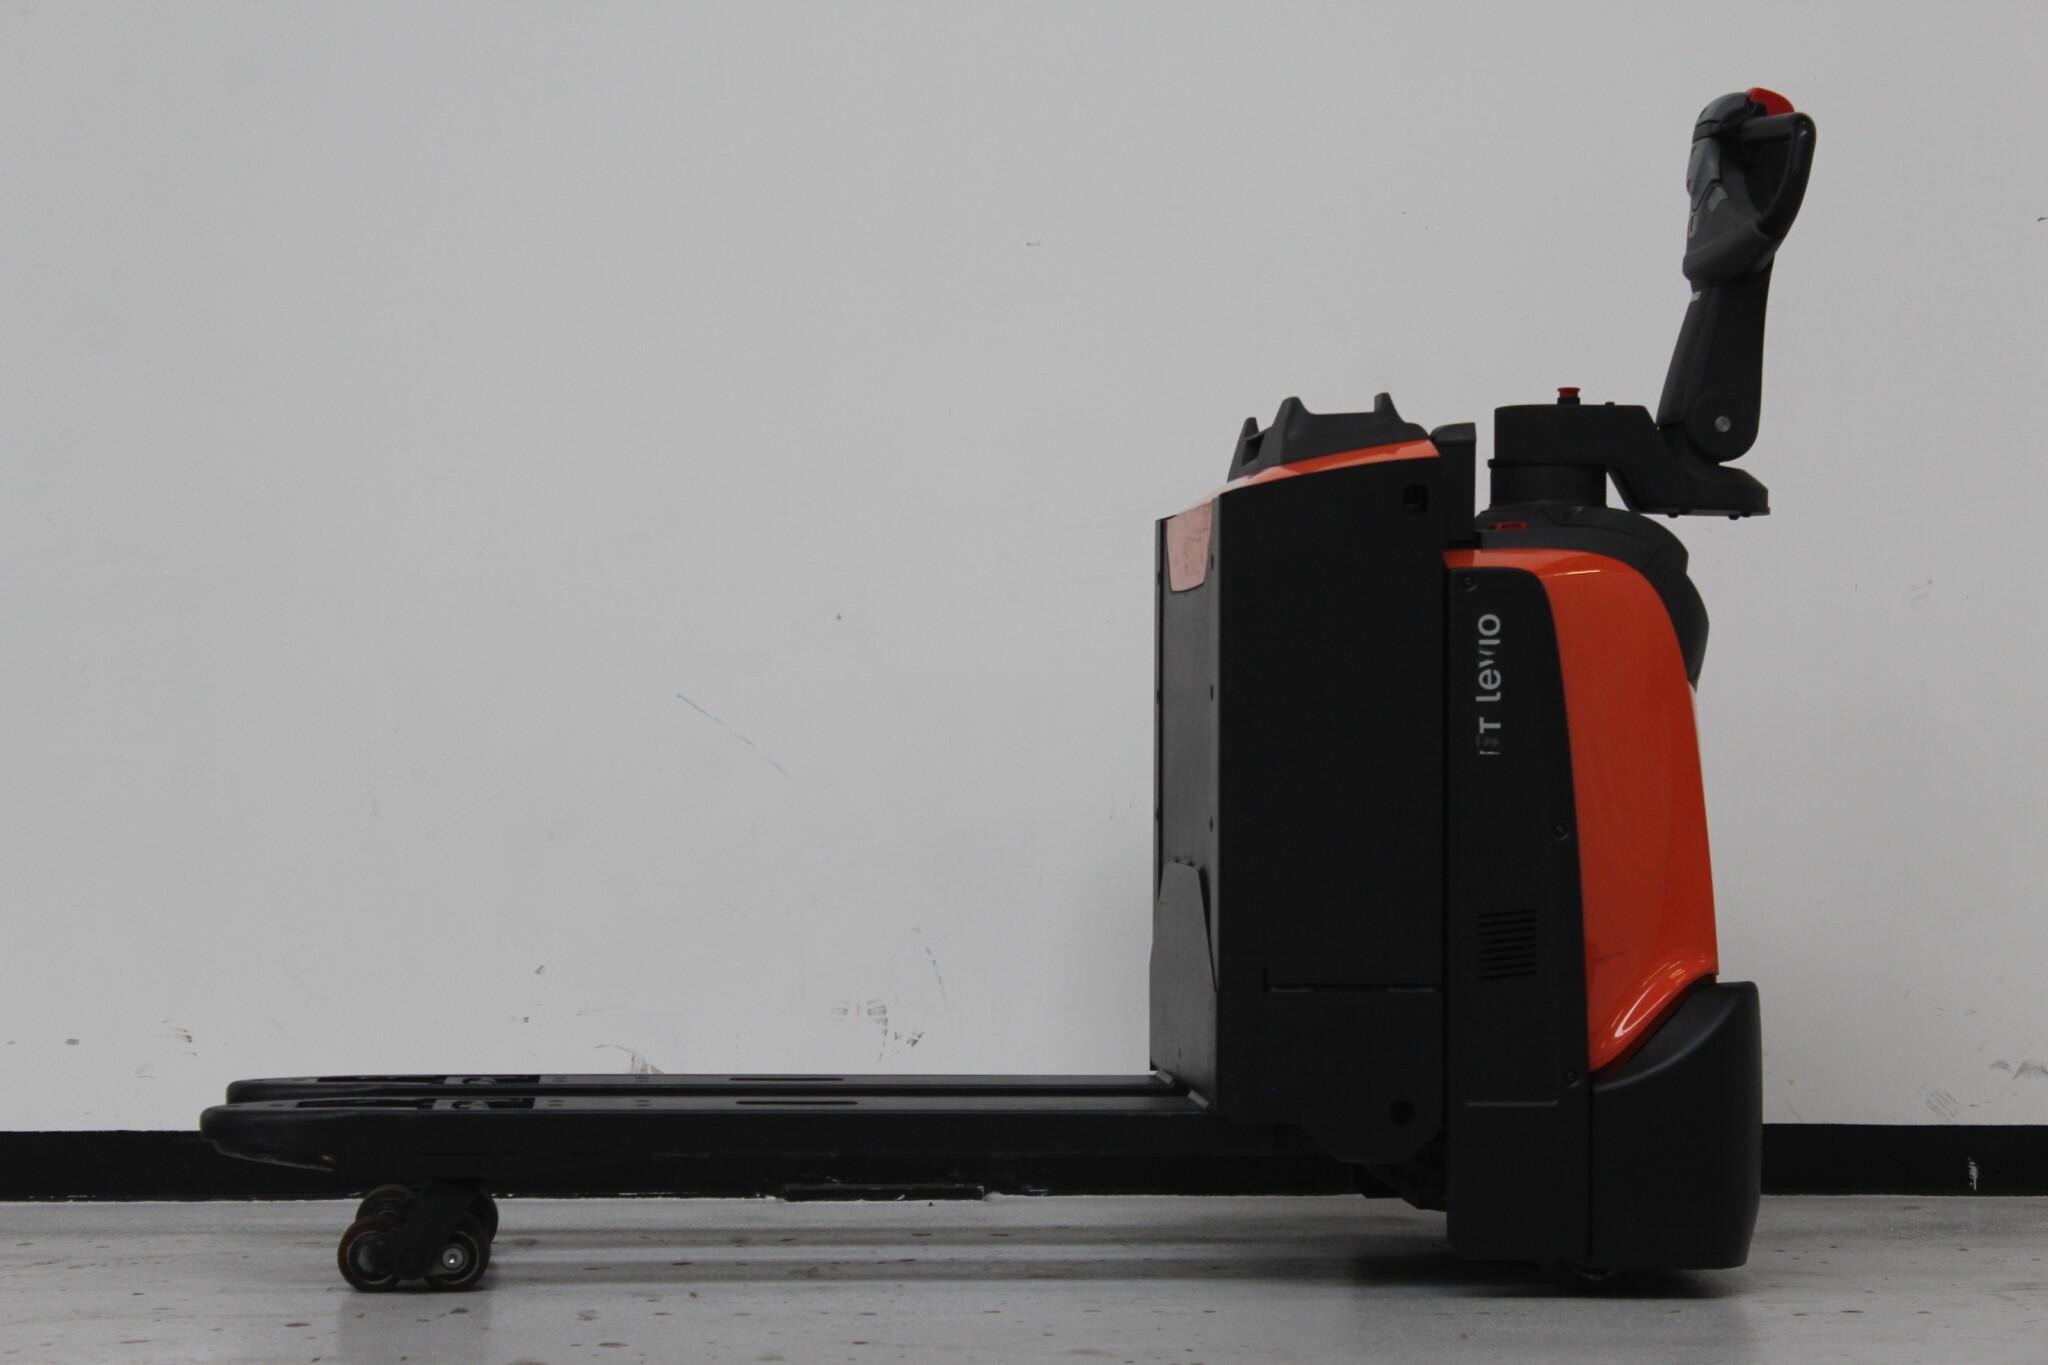 Toyota-Gabelstapler-59840 1702014784 1 scaled